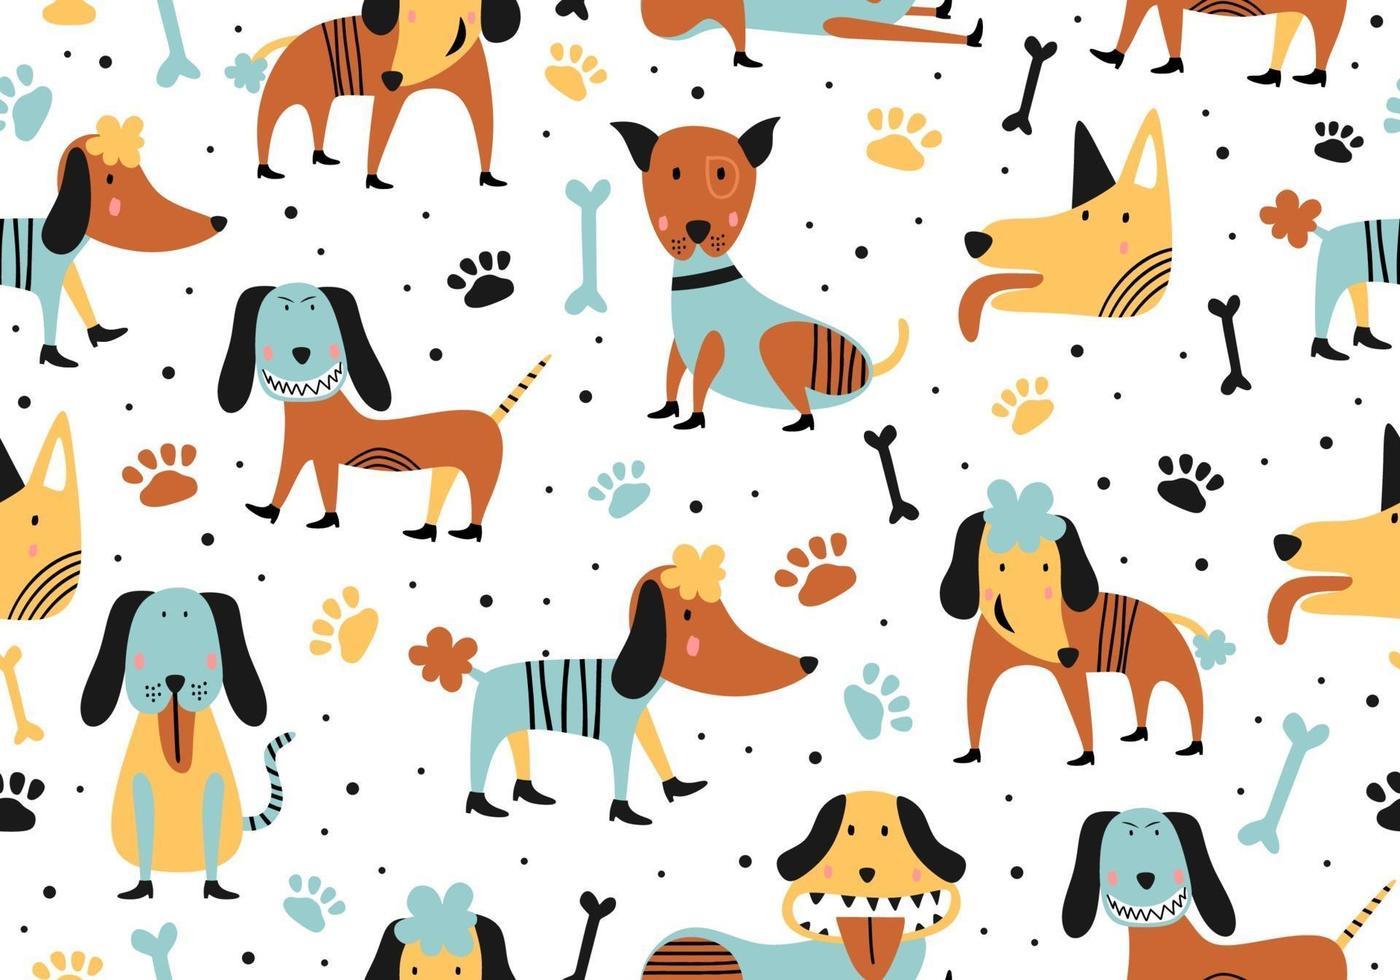 illustration de dessin animé sans couture animale avec des chiens mignons enfantins. vecteur